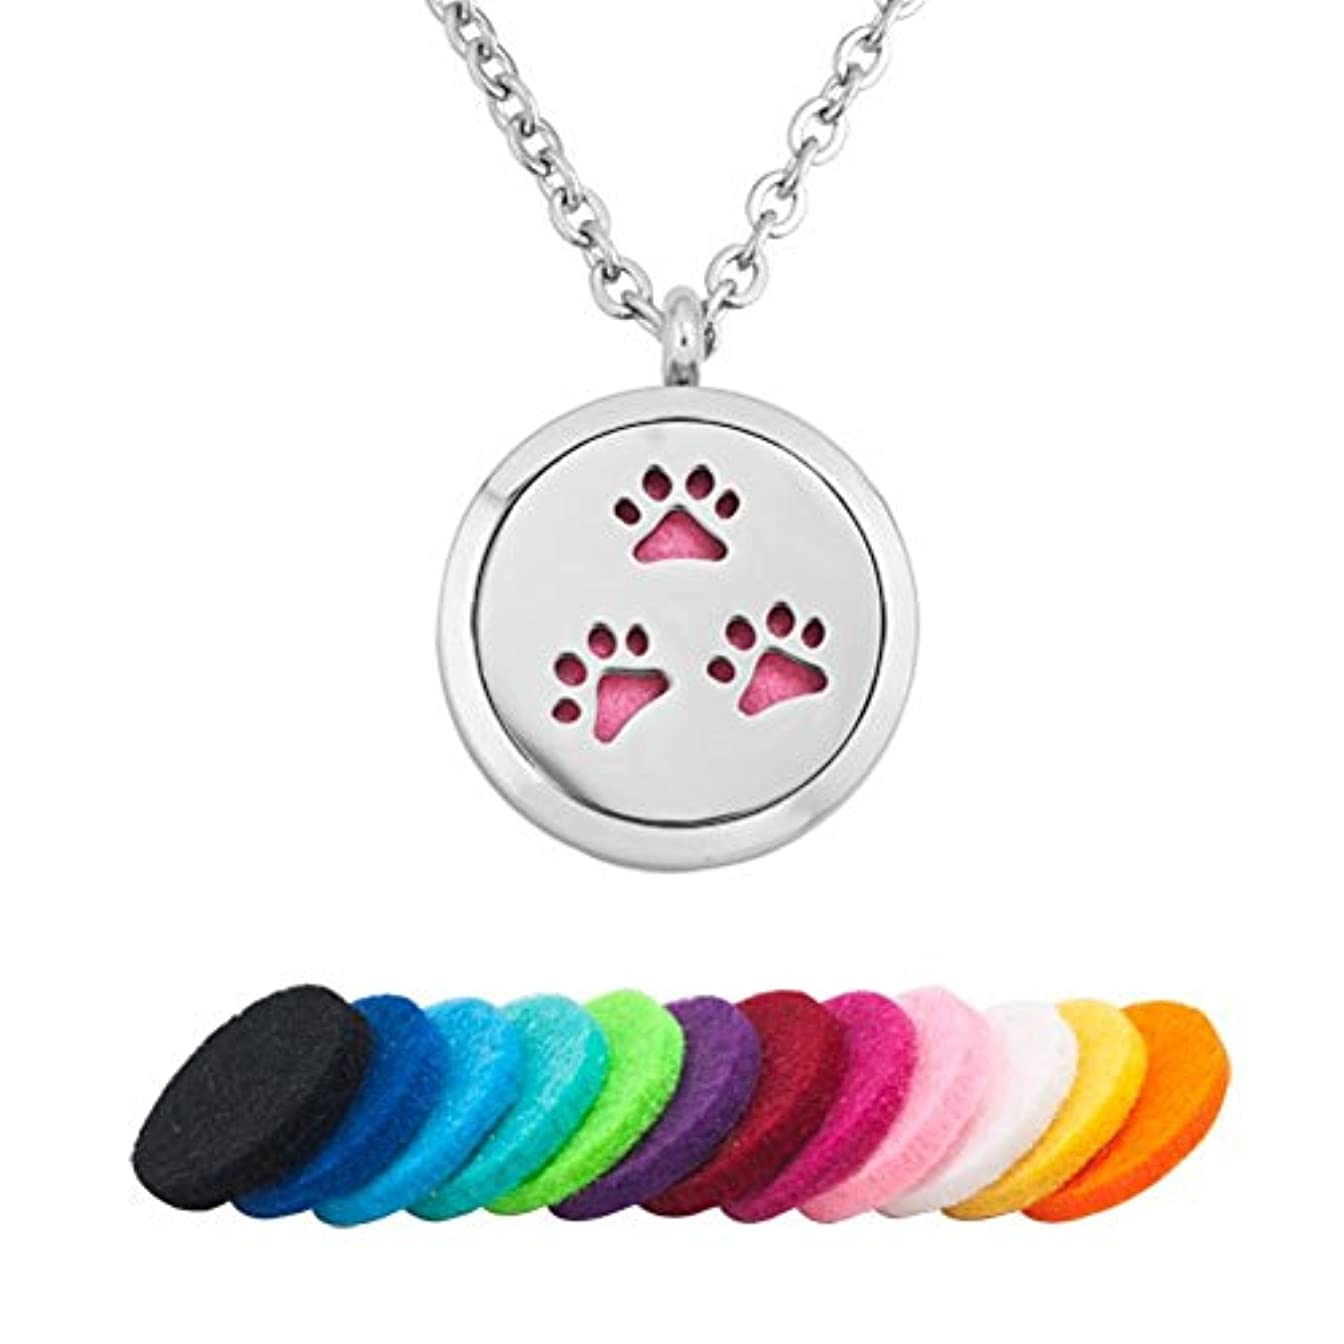 心から娘未知のq &ロケットLove犬PawprintステンレススチールプレミアムAromatherapy Essential Oil Diffuserロケットネックレス